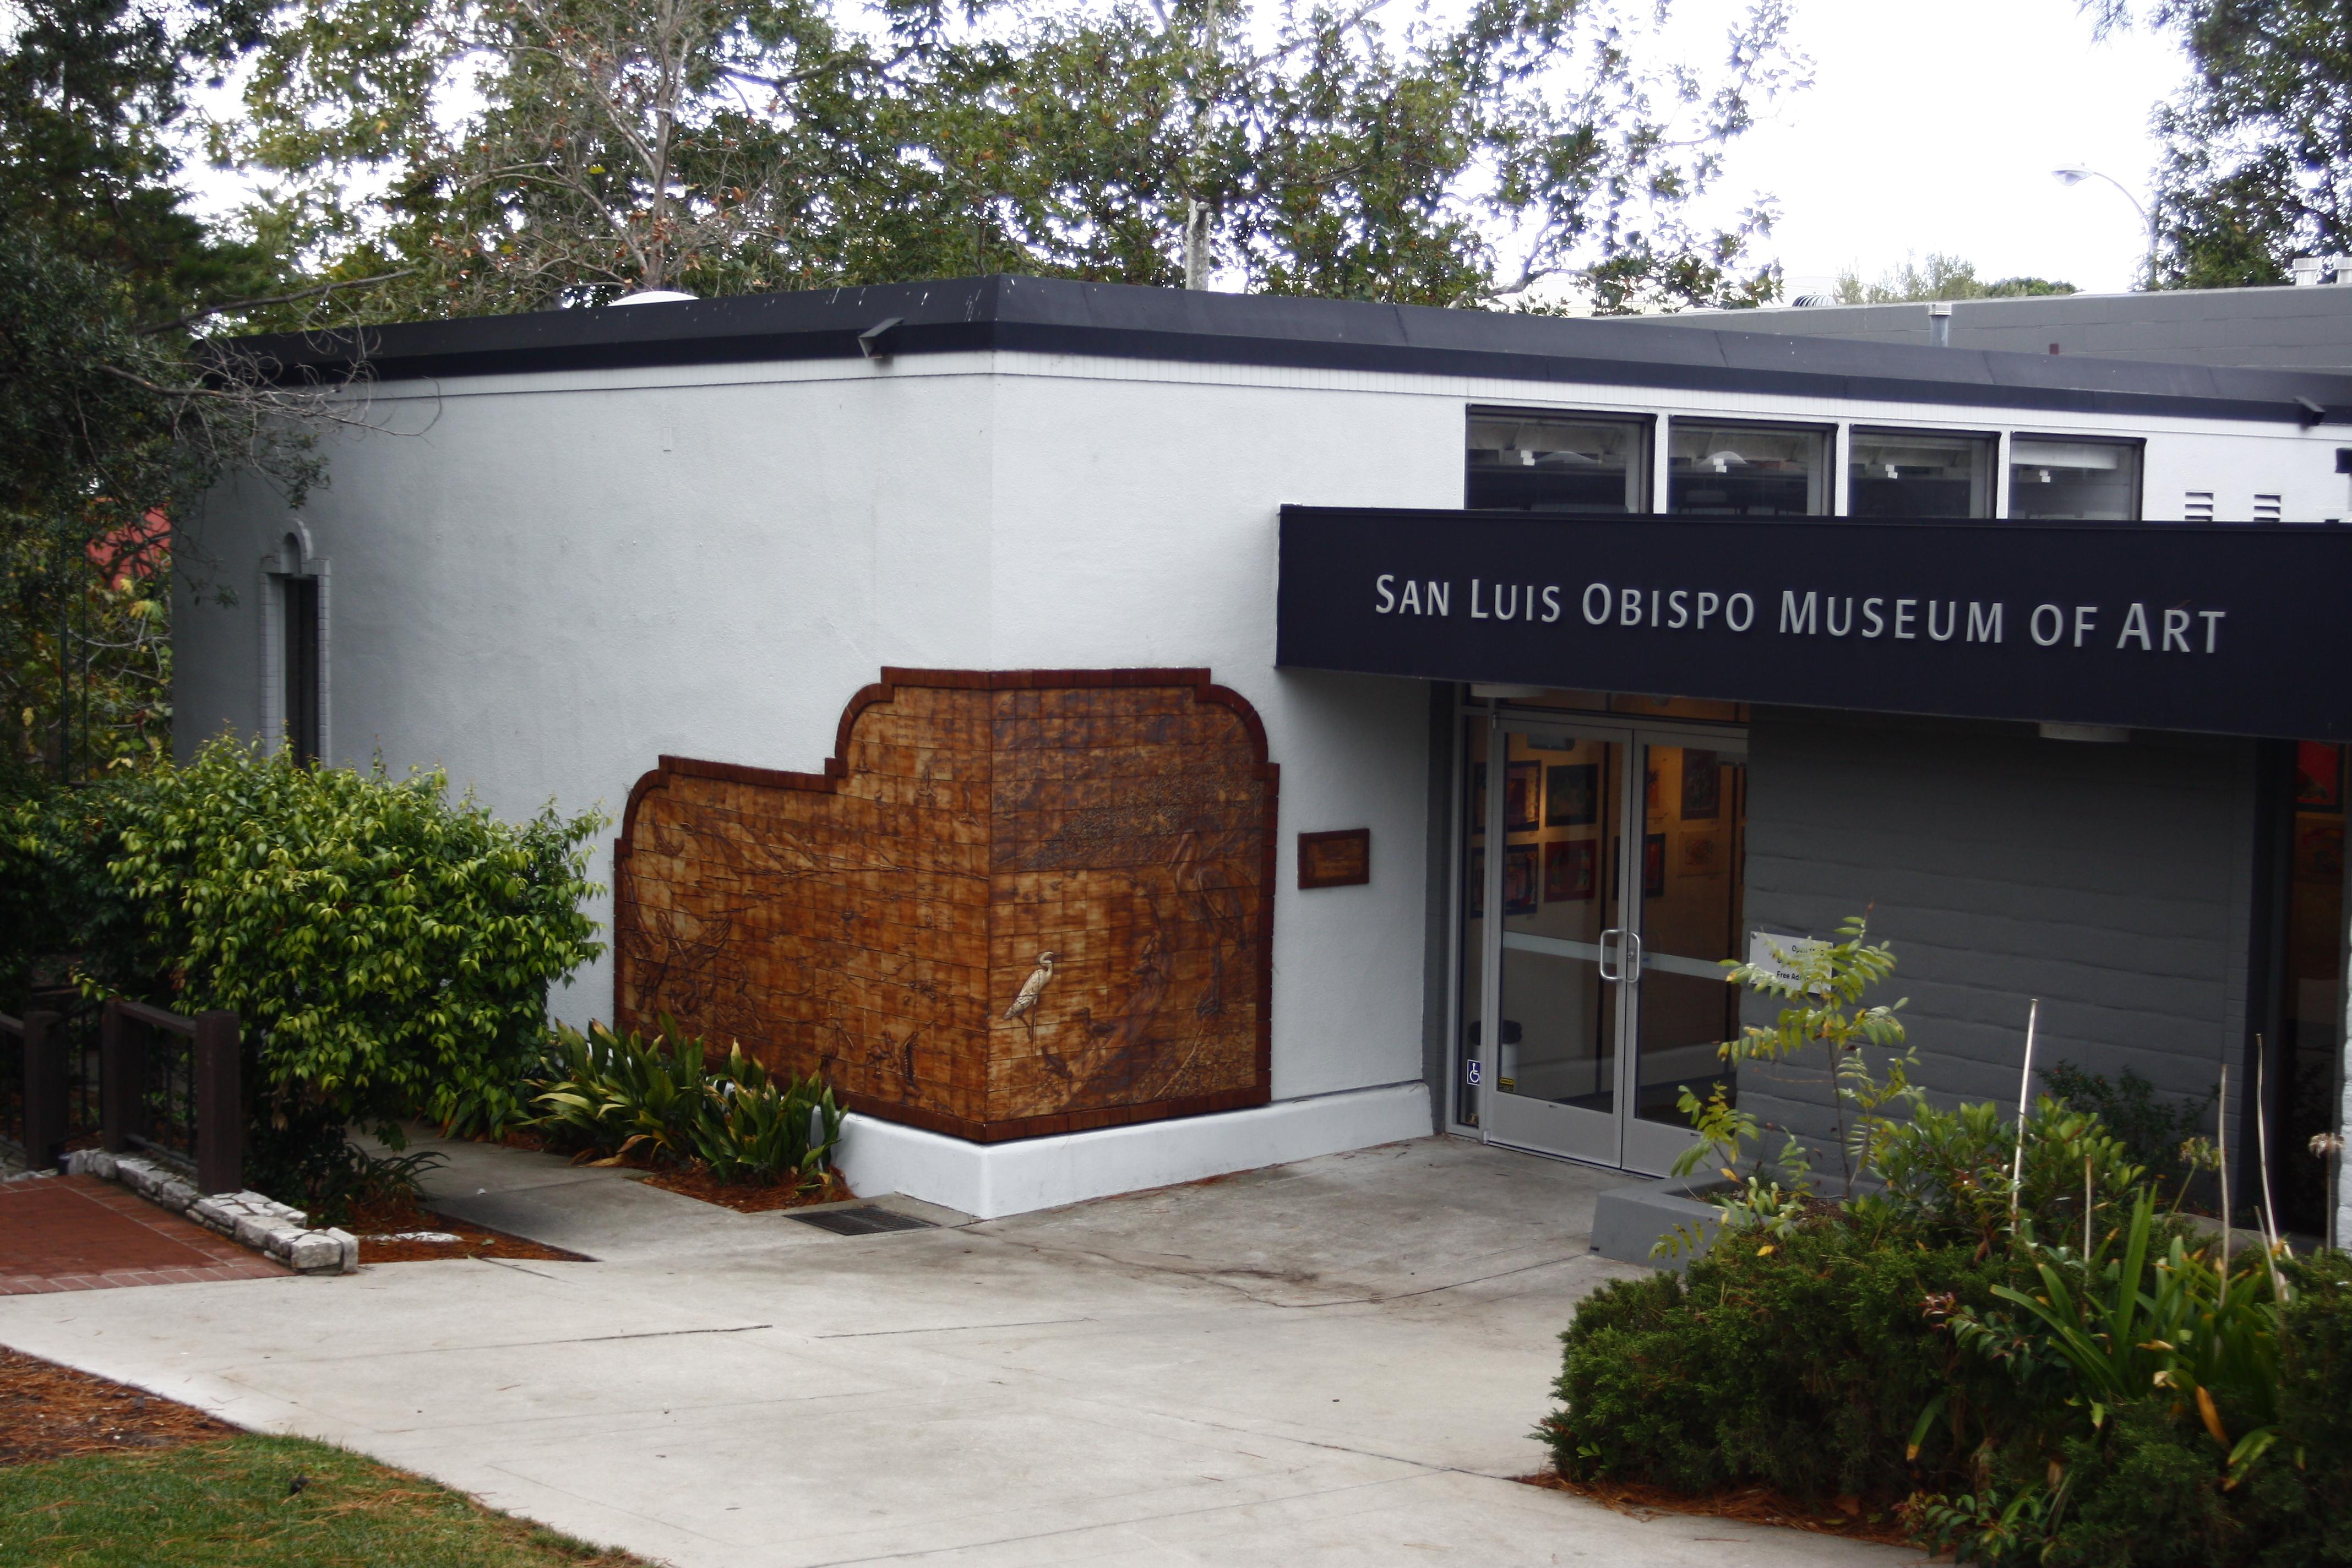 أوبيسبو سان لويس للفنون - مدينة أوبيسبو الأمريكية